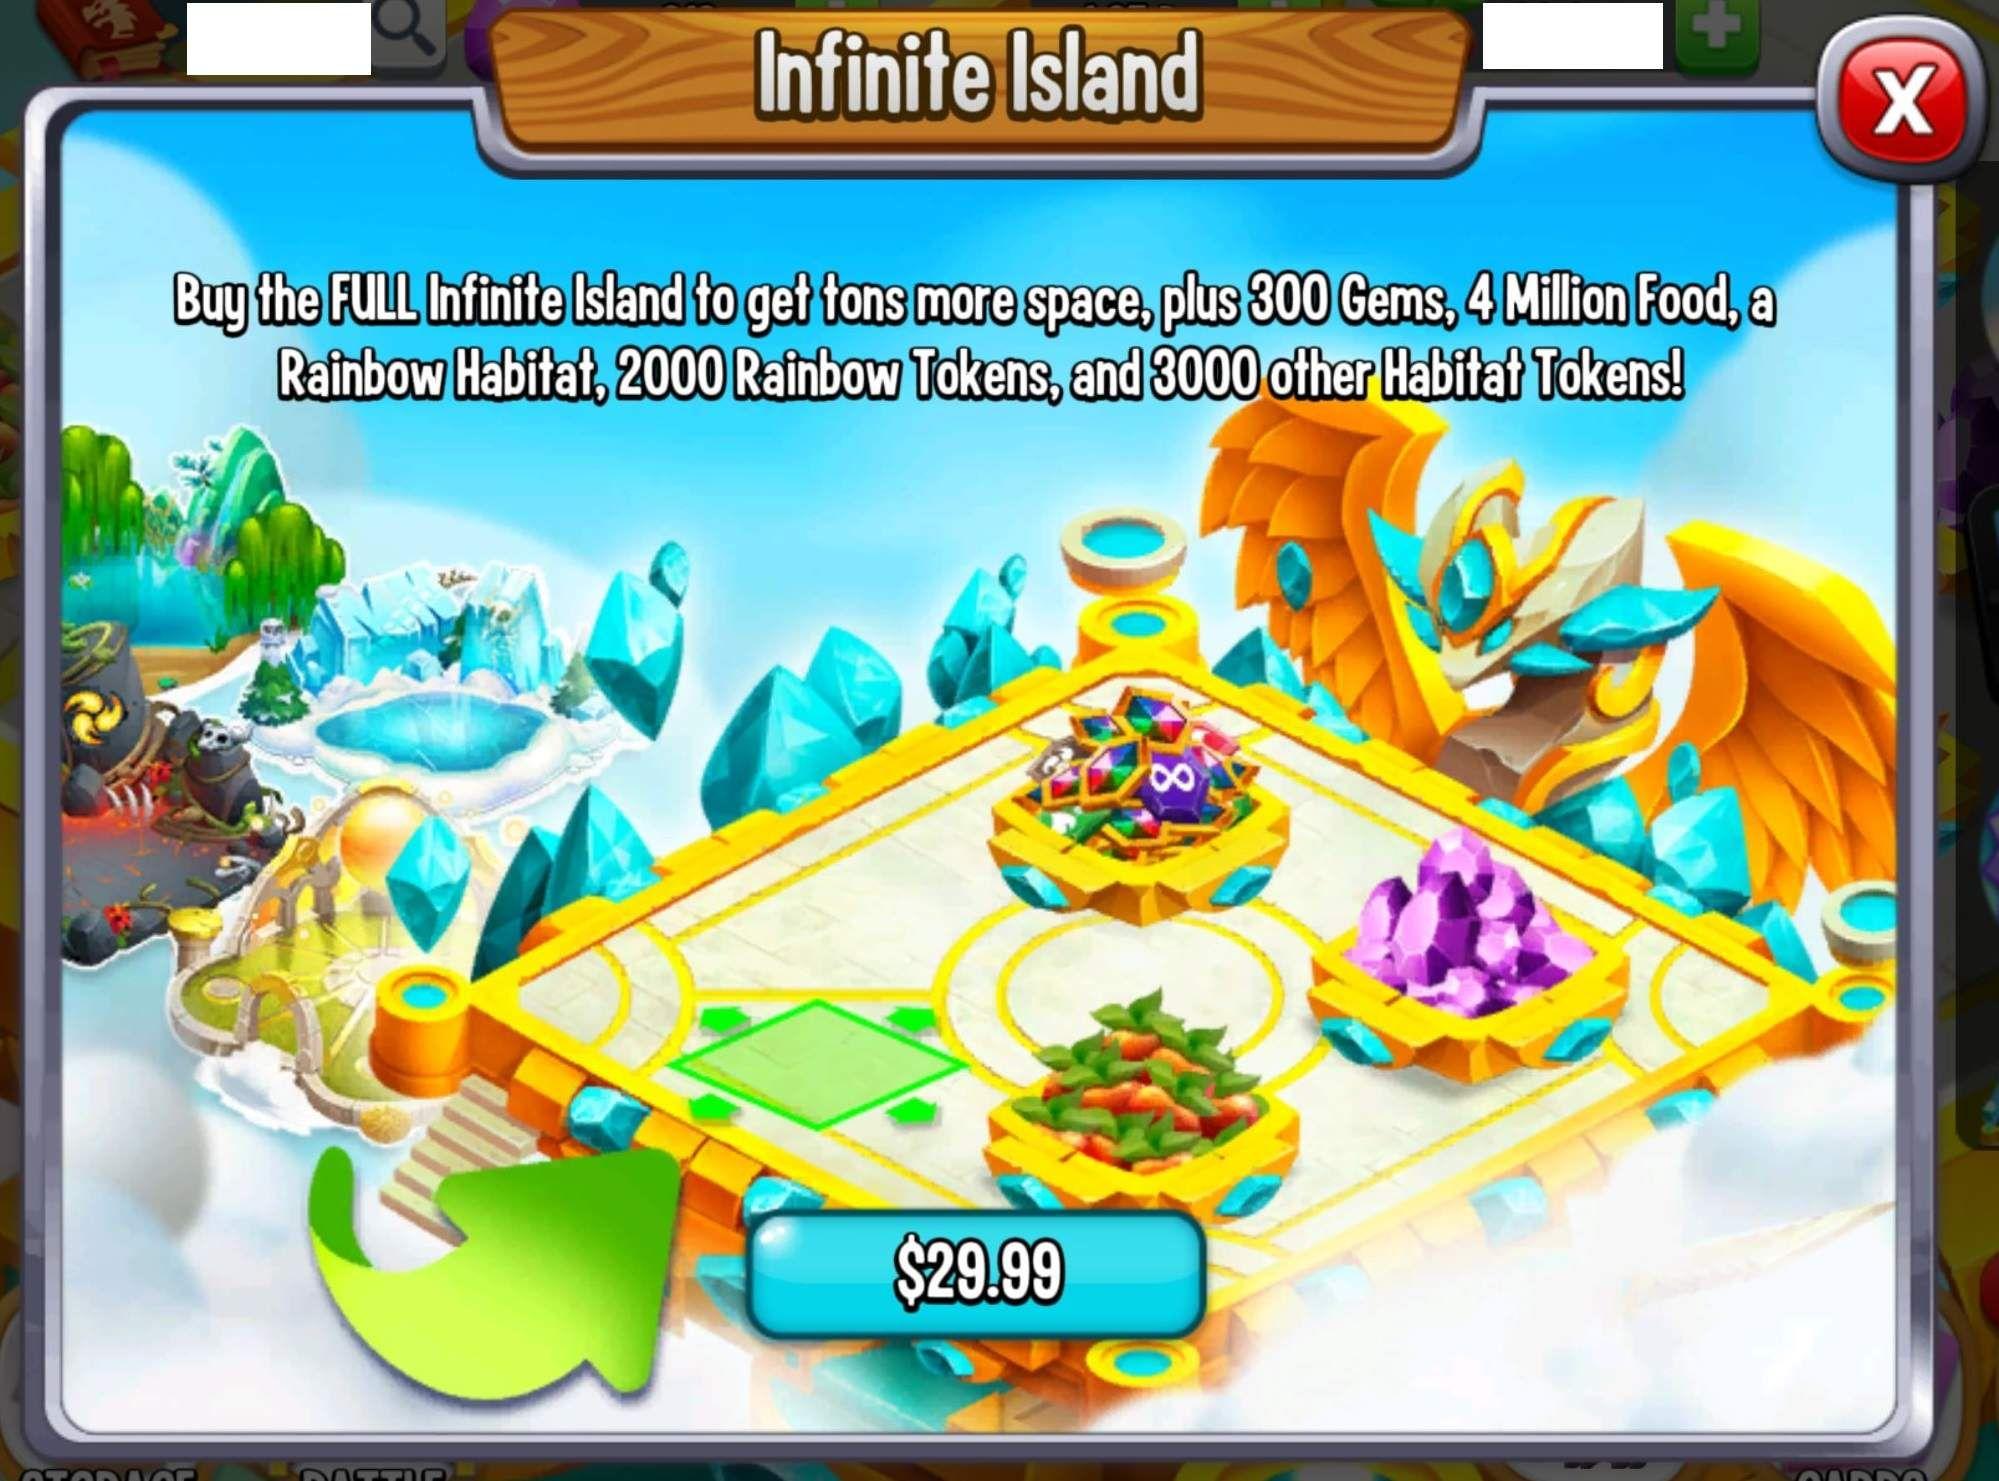 0_1594898275405_071620 premium infinite island.jpg